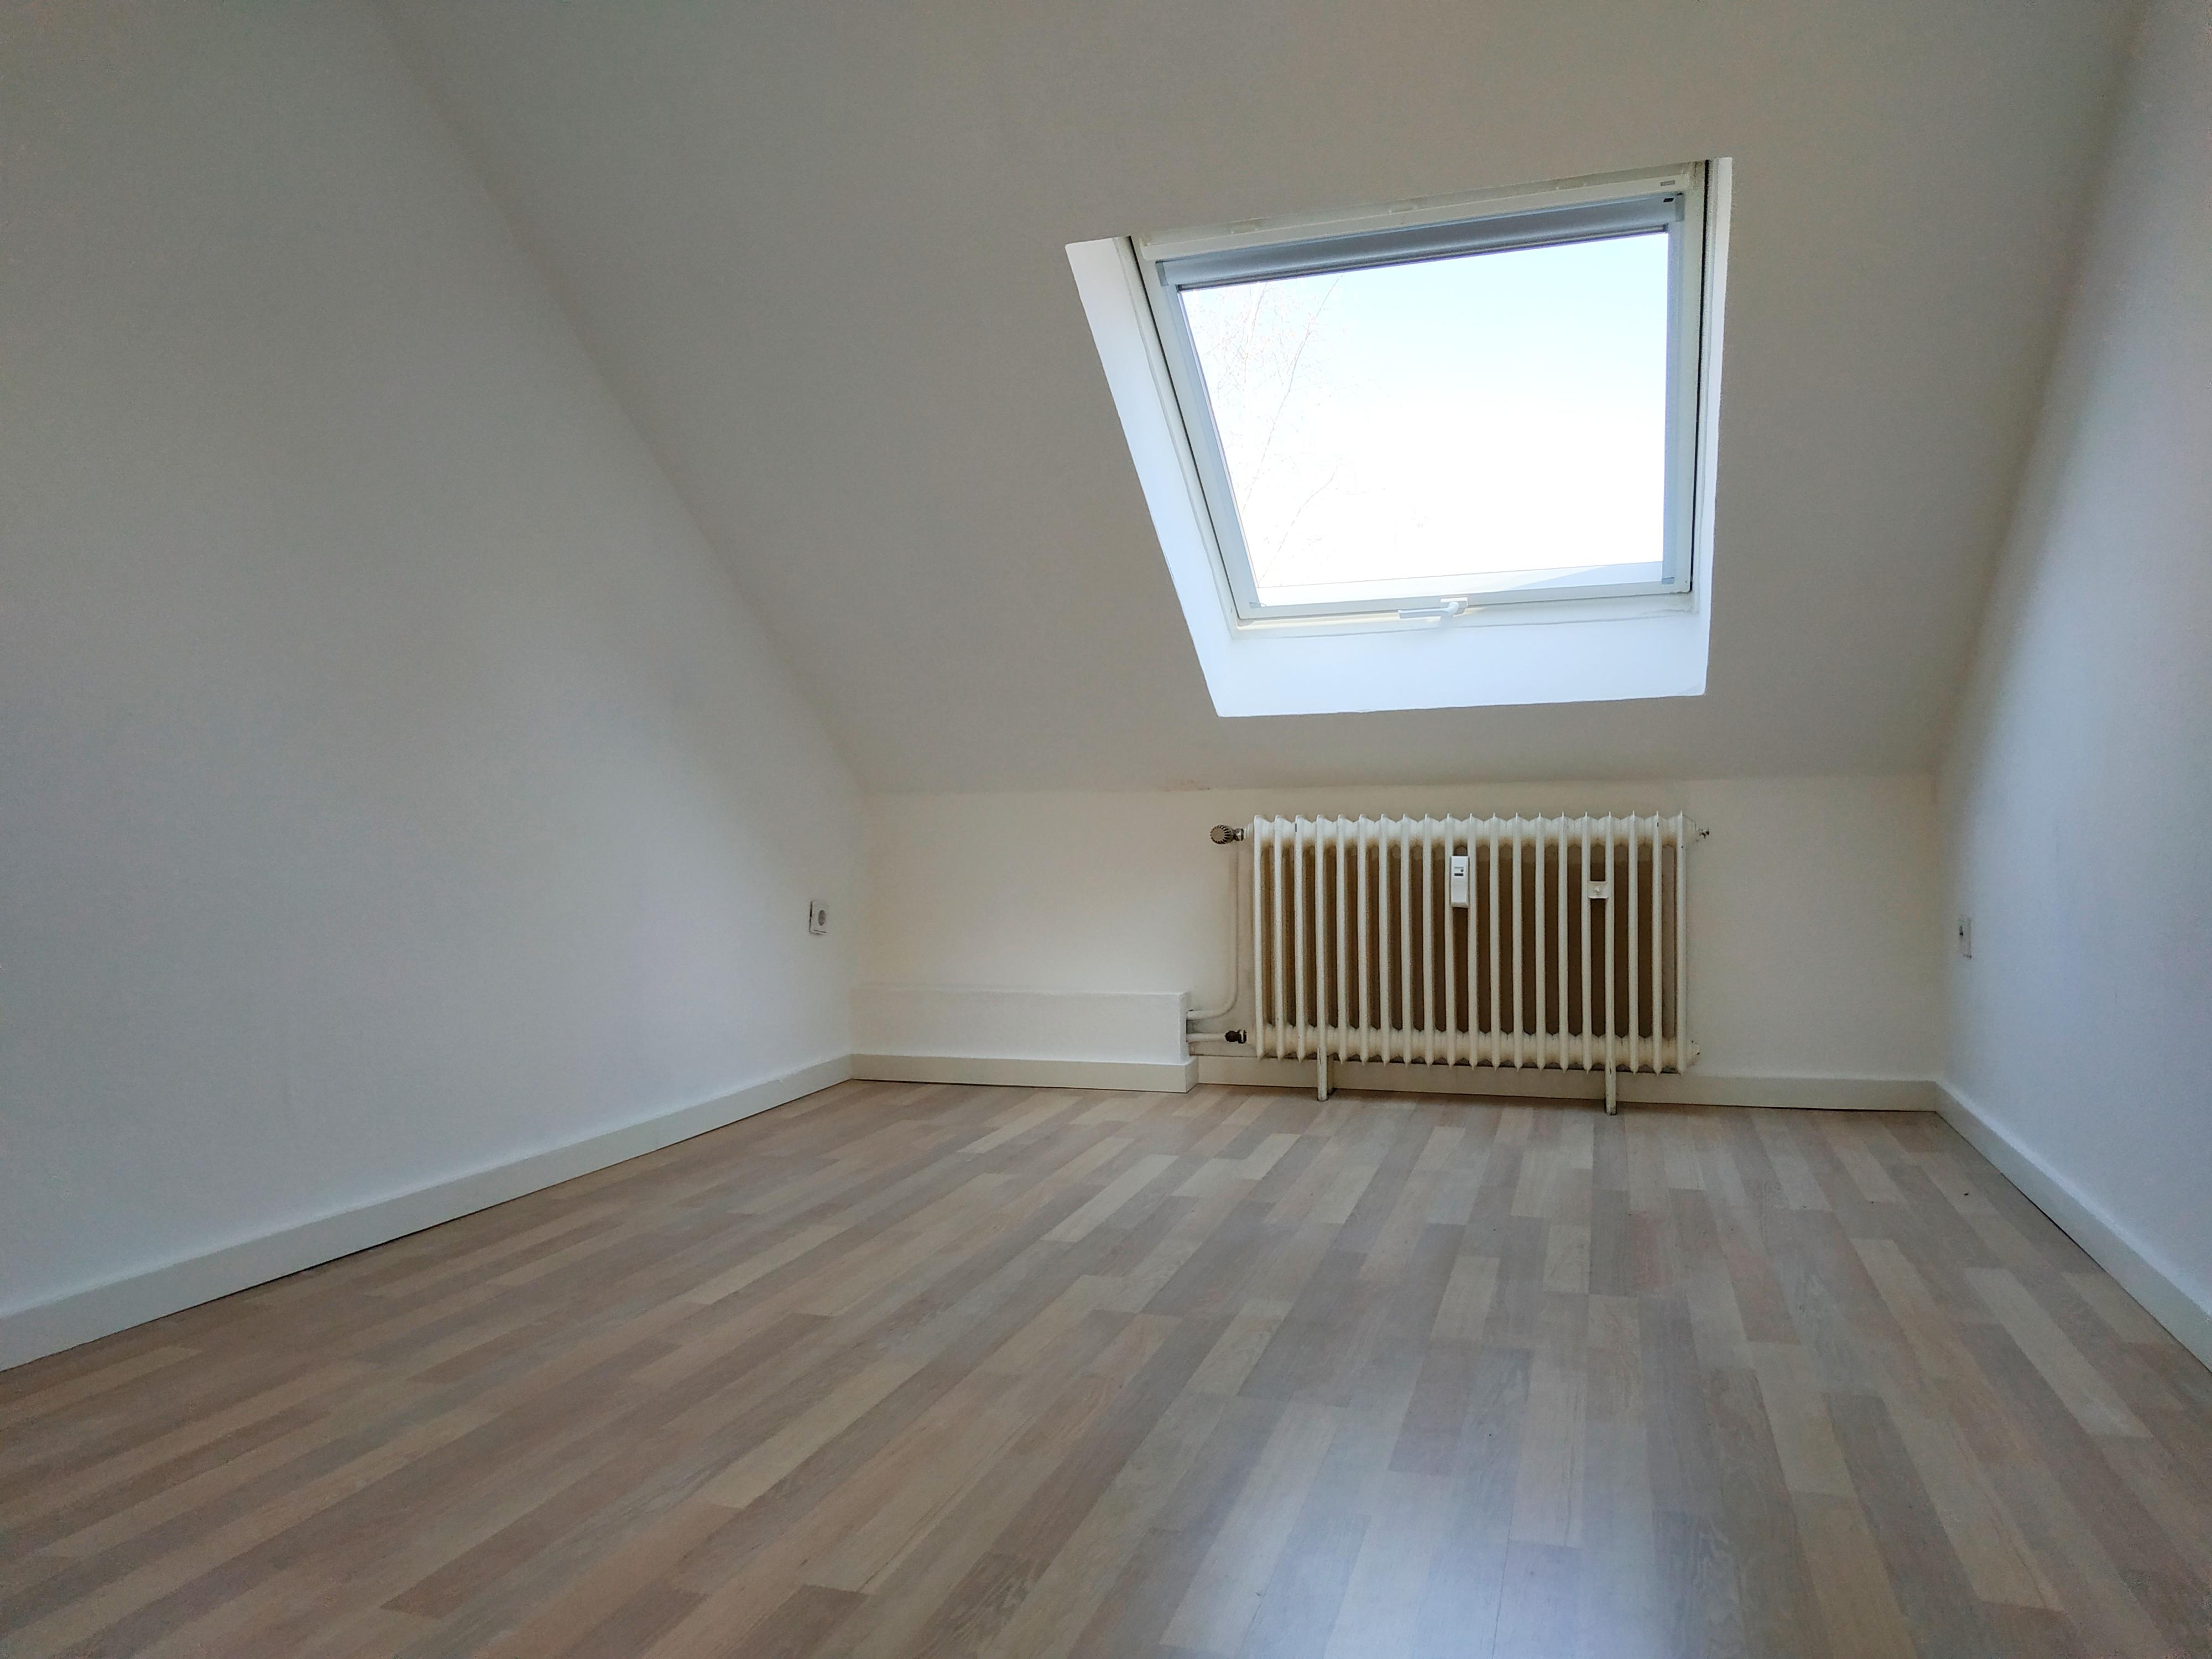 Sehr schöne 3 Zimmer Wohnung in ruhiger Lage